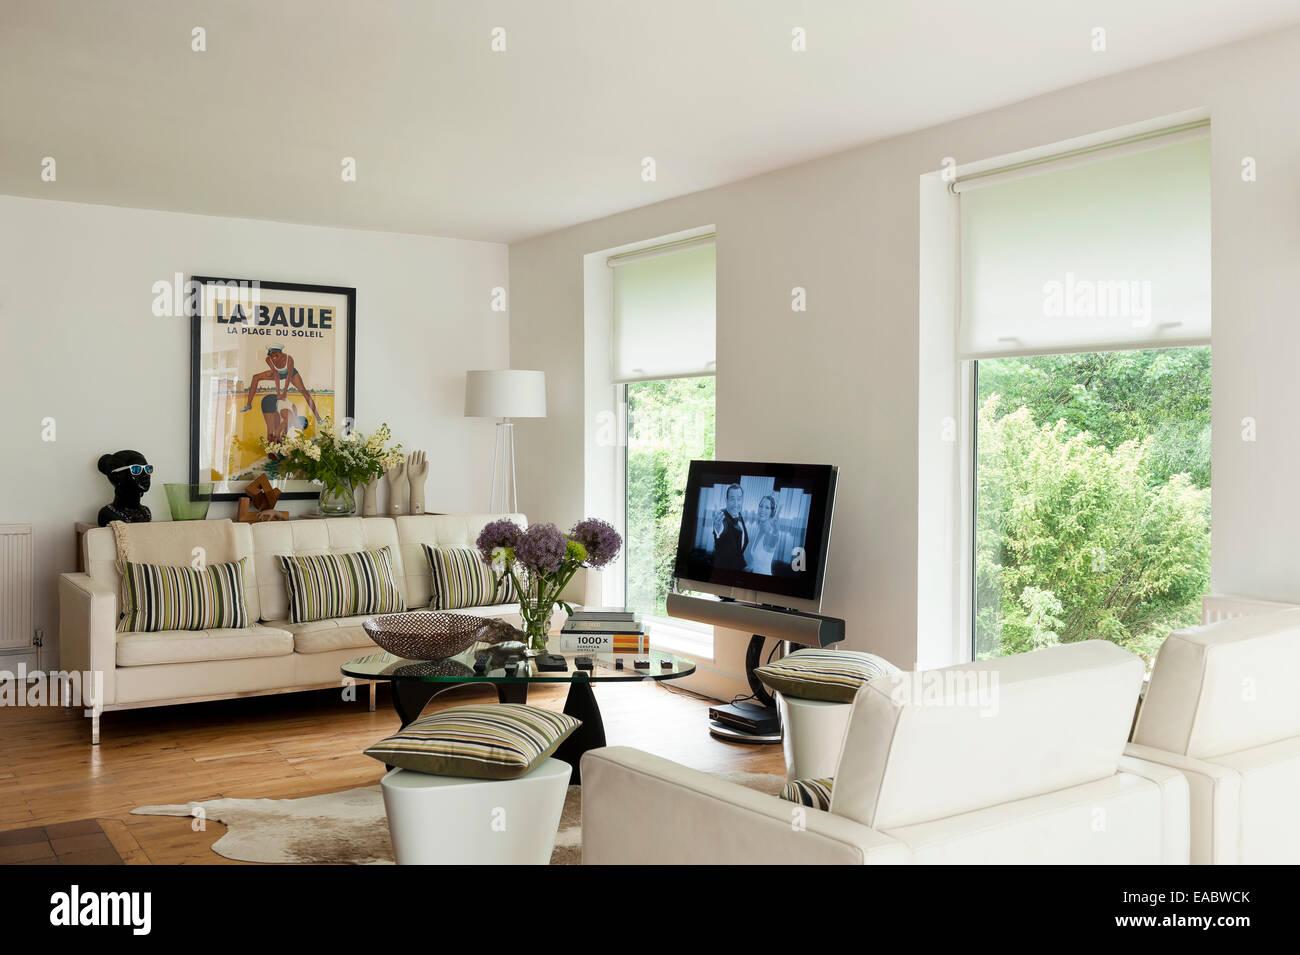 Gro en wei en kn pfen sofa mit gestreiften kissen im wohnzimmer mit gerahmten vintage poster - Wohnzimmer kissen ...